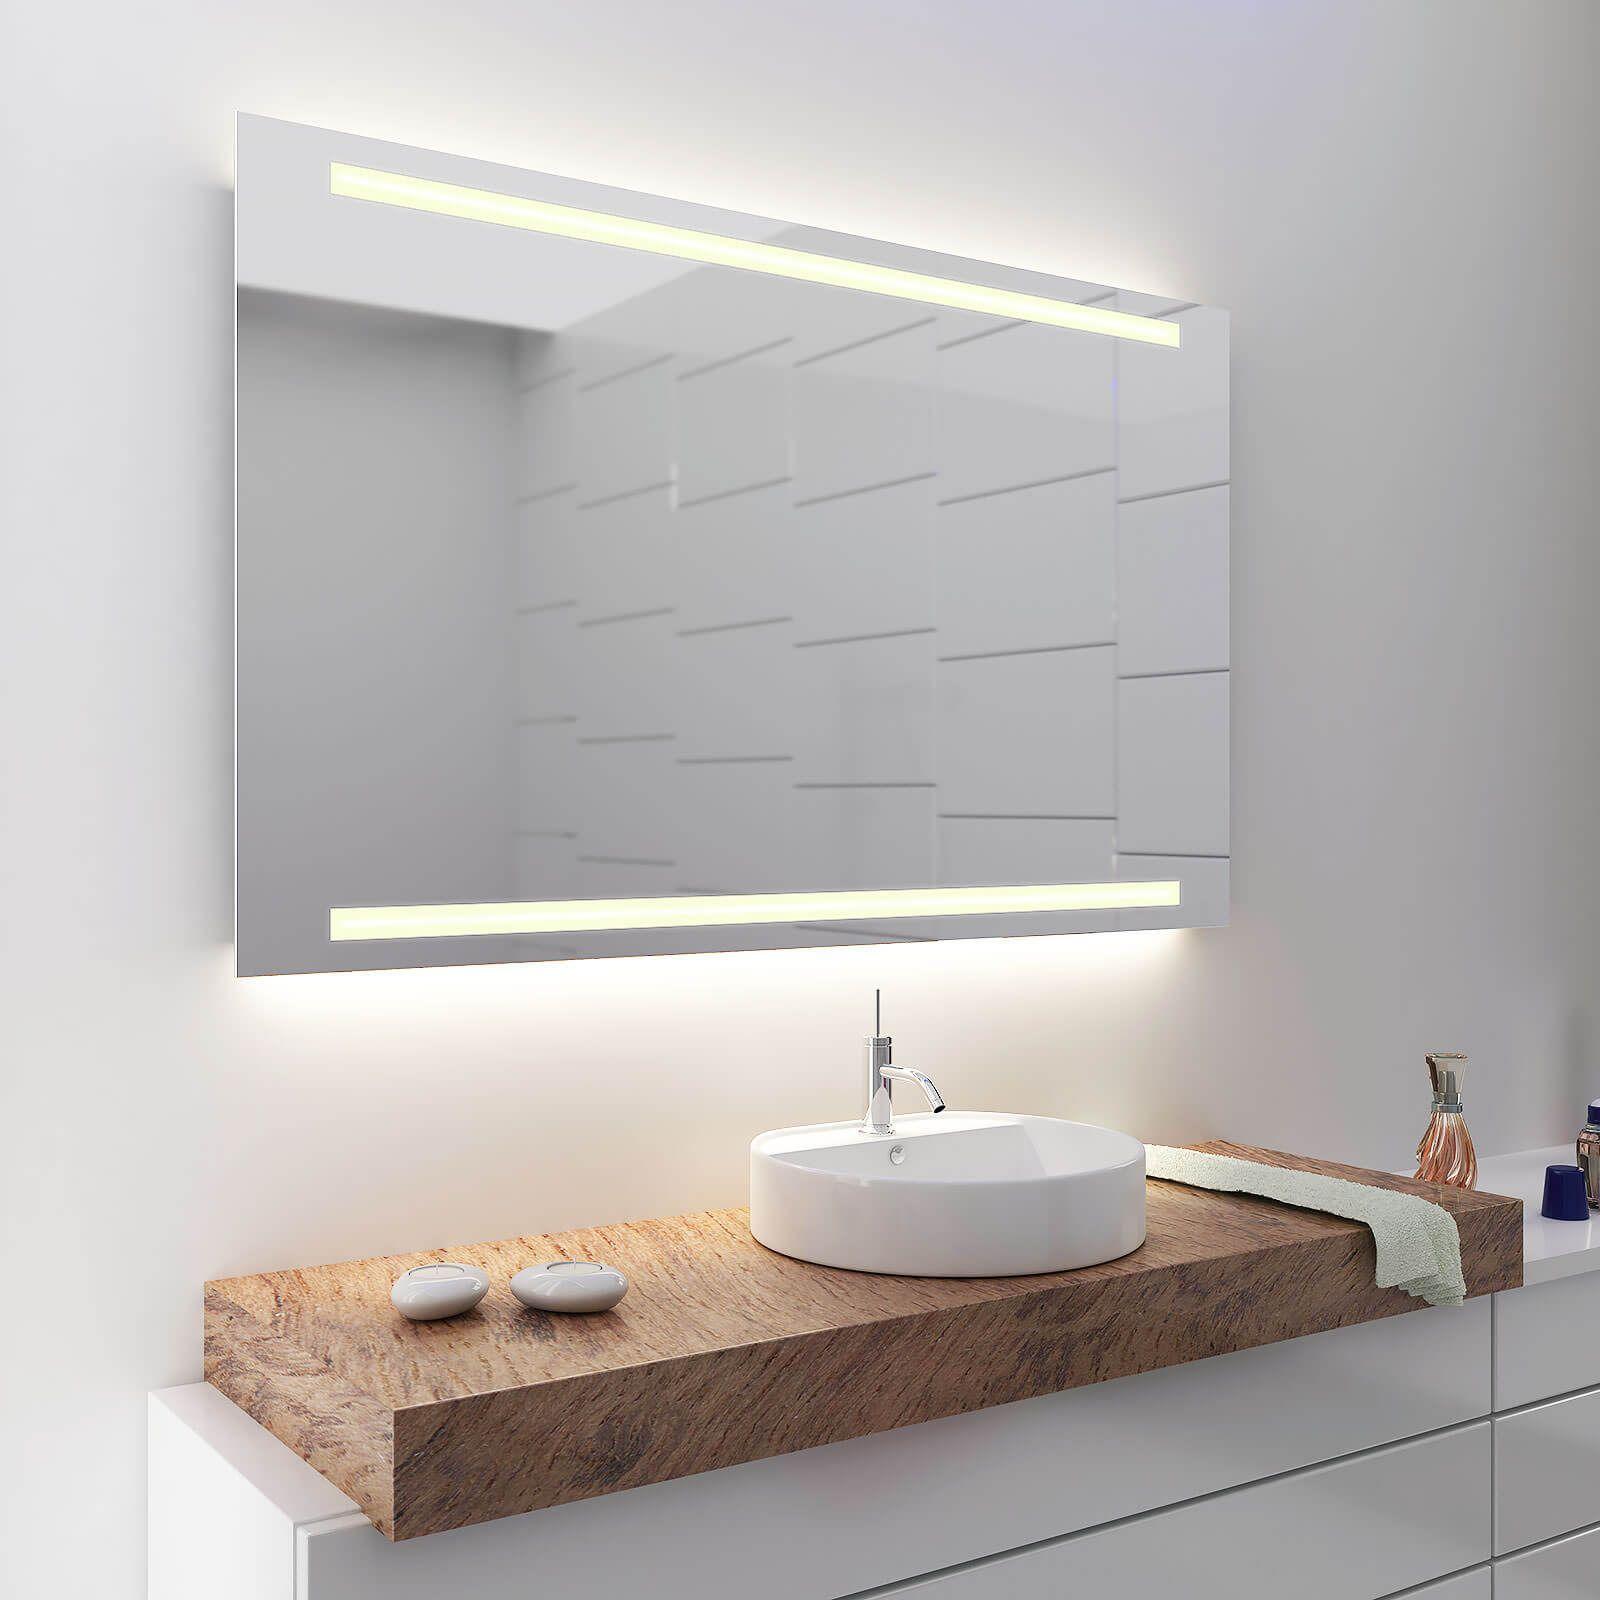 Badezimmerspiegel Beleuchtet Young V Badezimmerspiegel Beleuchtet Badezimmerspiegel Badezimmer